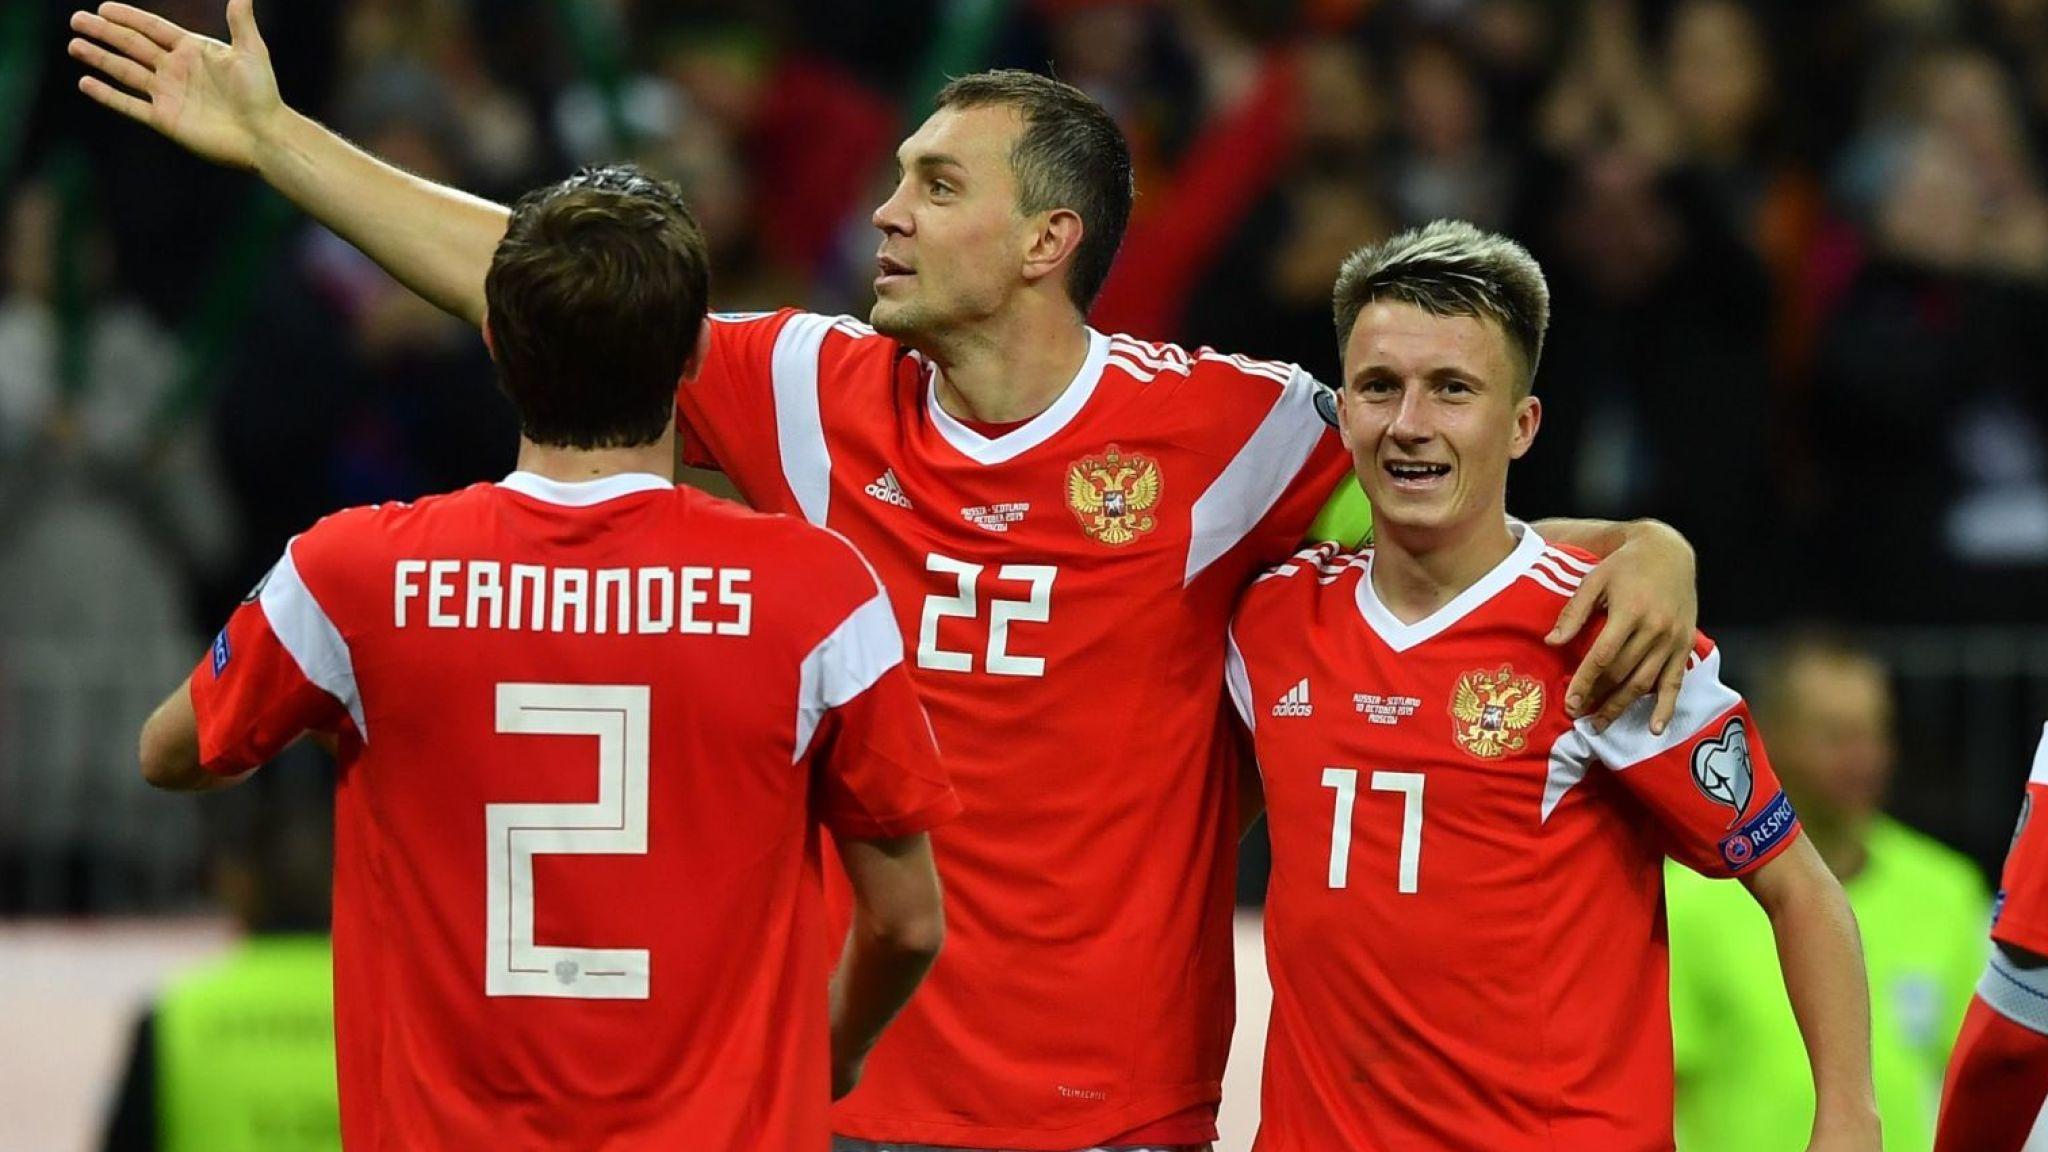 วิเคราะห์ฟุตบอล ยูฟ่า ยูโร 2020 รอบคัดเลือก | ทีมชาติรัสเซีย vs ทีมชาติเบลเยียม 16/11/19